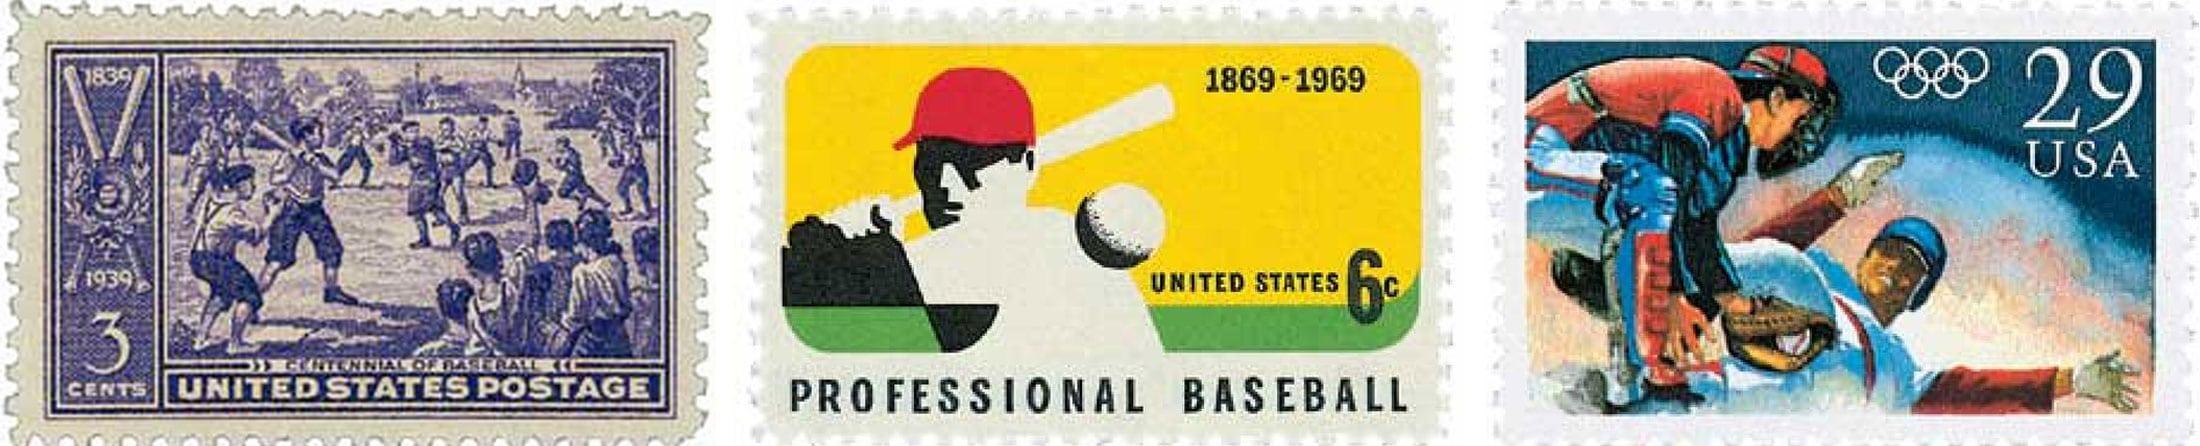 Baseball U.S. Postage Stamps - header